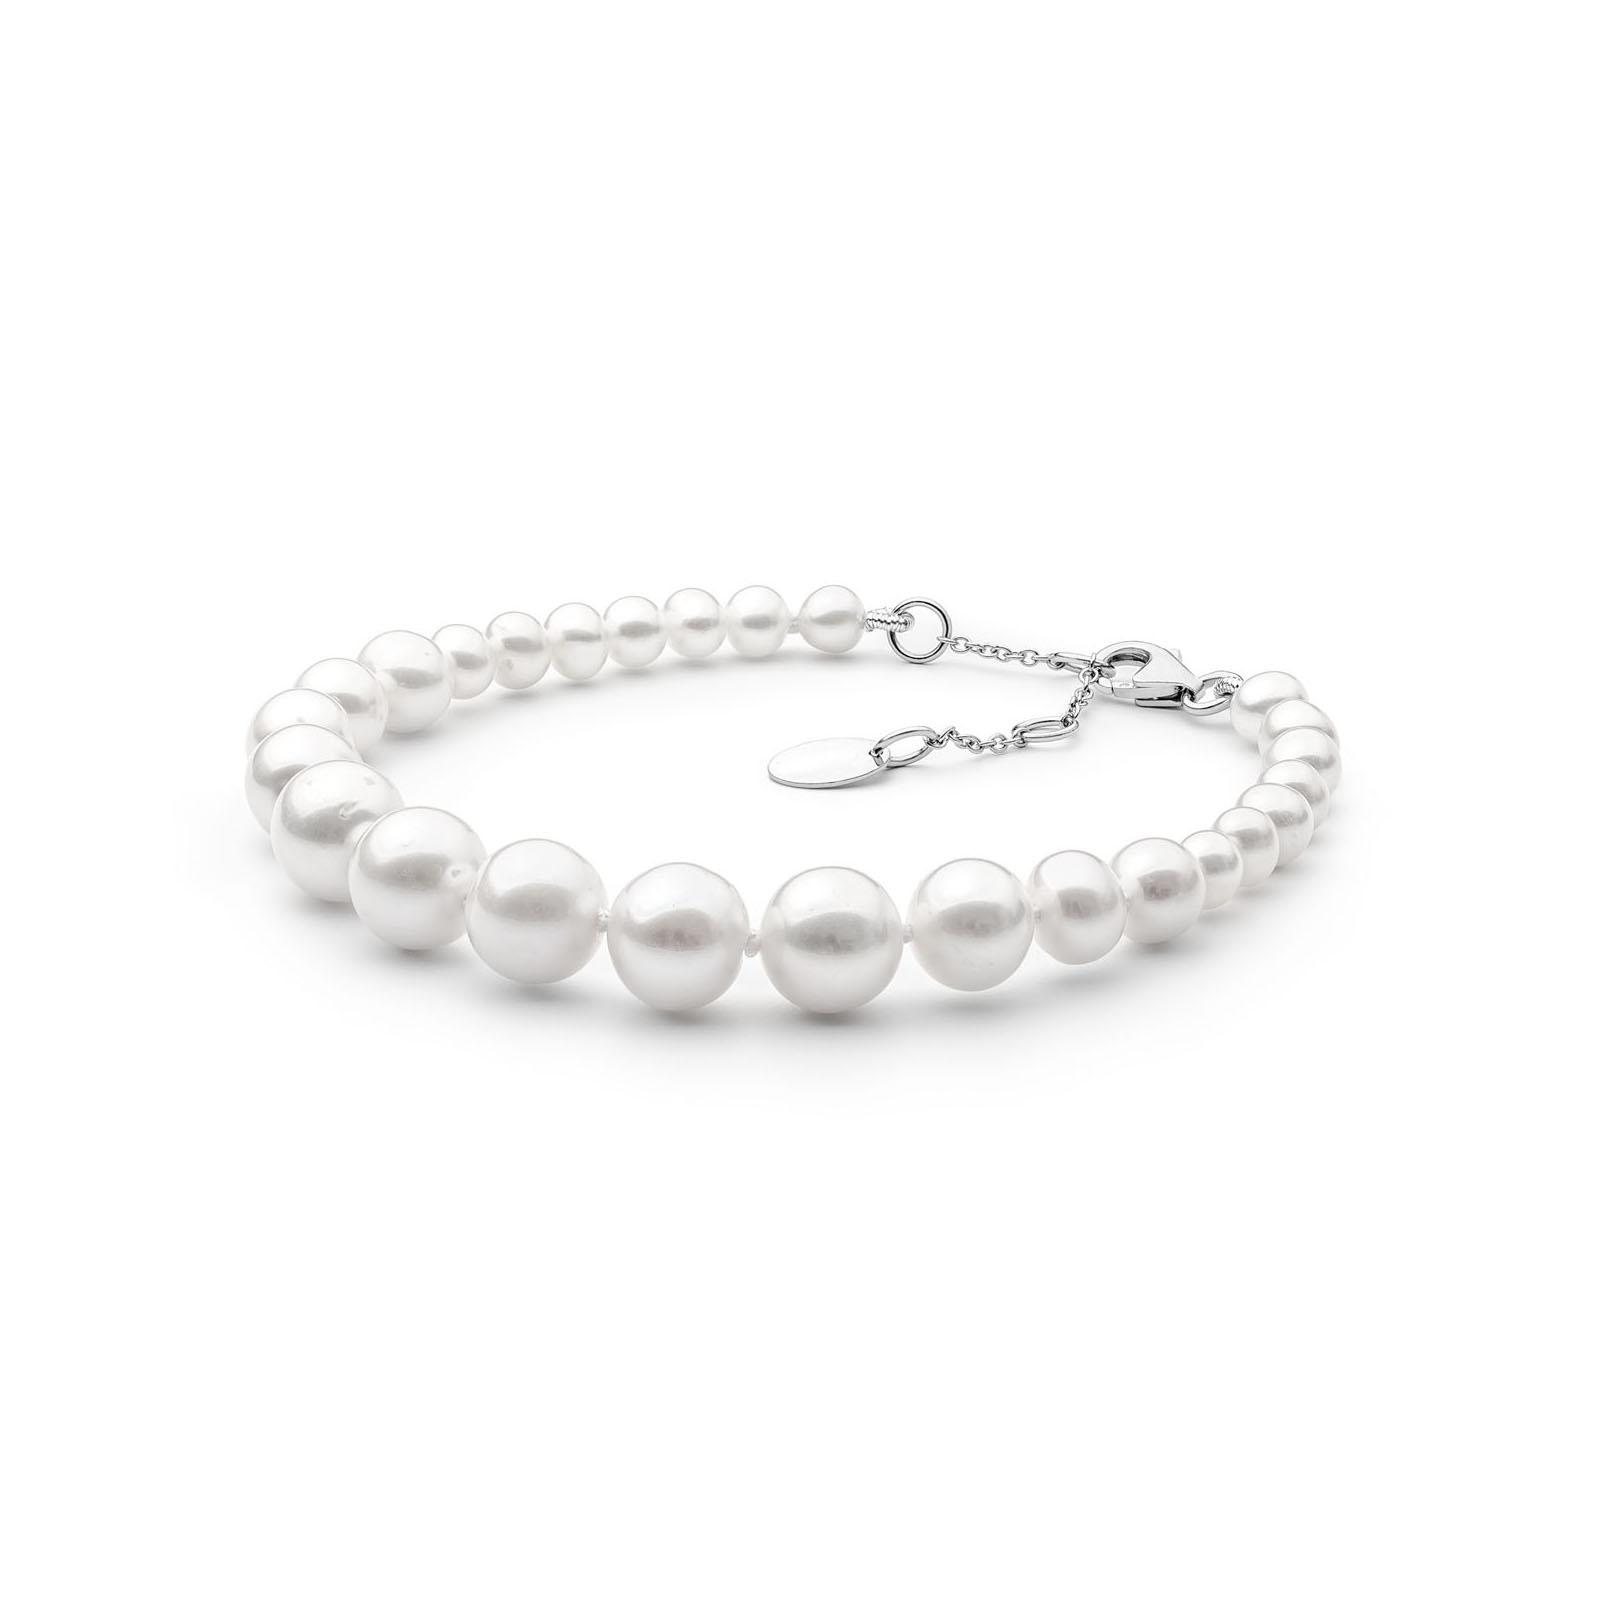 16x isskirine baltu tikru perlu apyranke sidabrine naturaliais perlais perliniai prabangios brangios dovanos gimtadienio jubiliejaus kaledines  moterims mamai zmonai merginai meiluzei dukrai sesei draugei 24r5 10mm